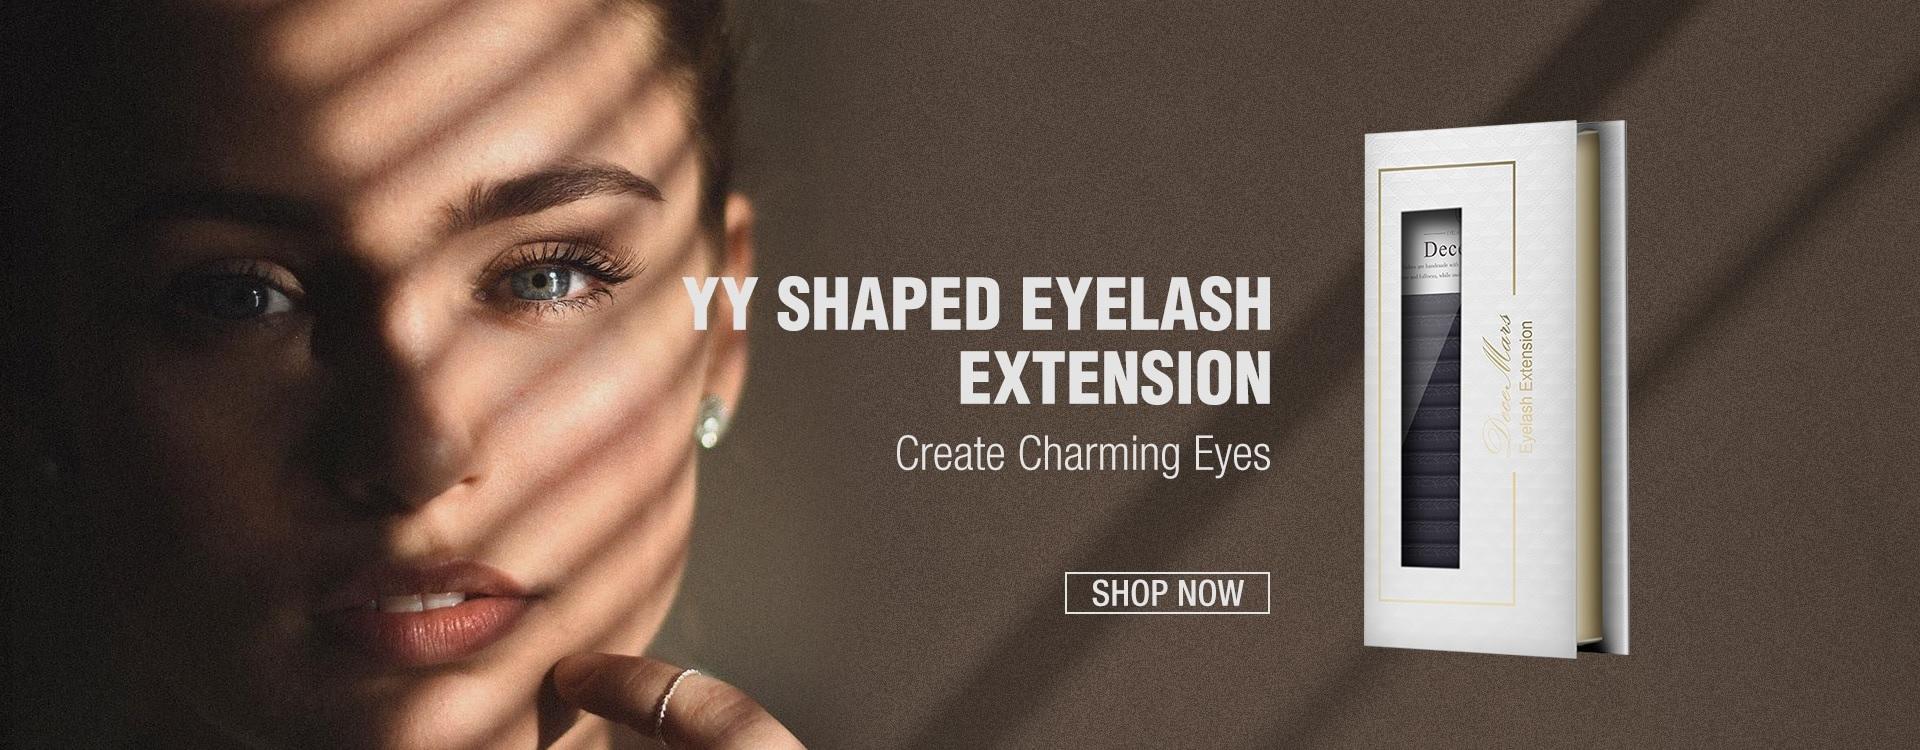 yy-shaped-eyelash-extensions